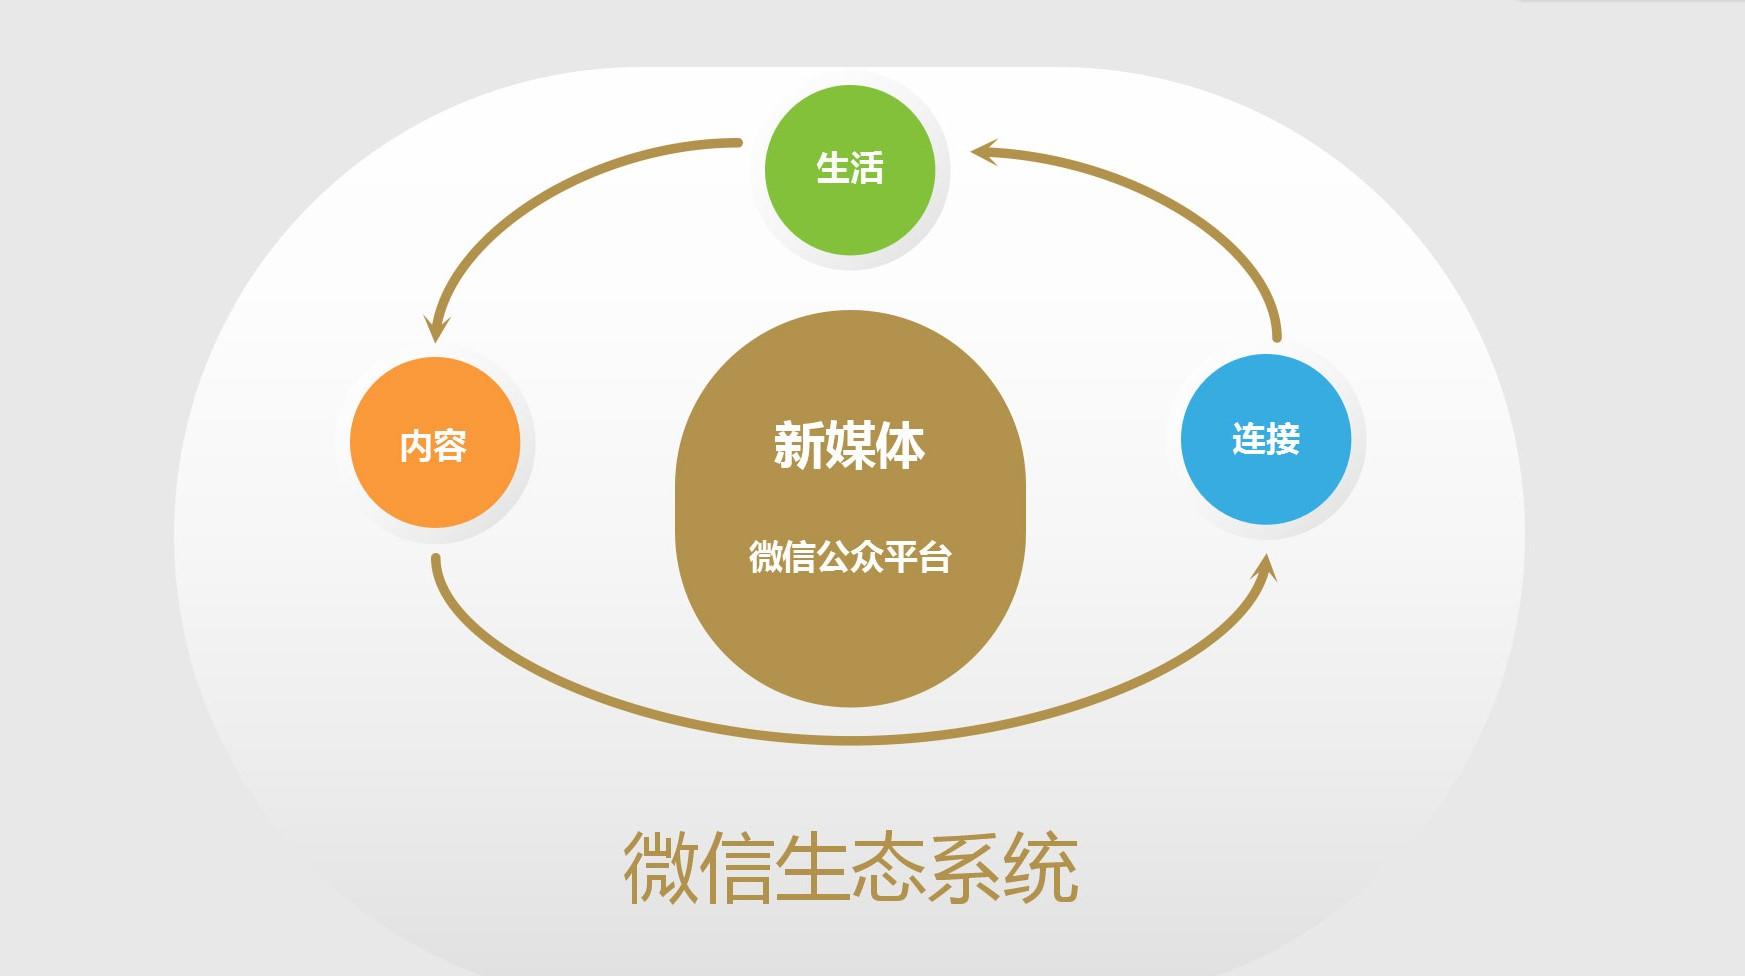 微信营销-关系概况图